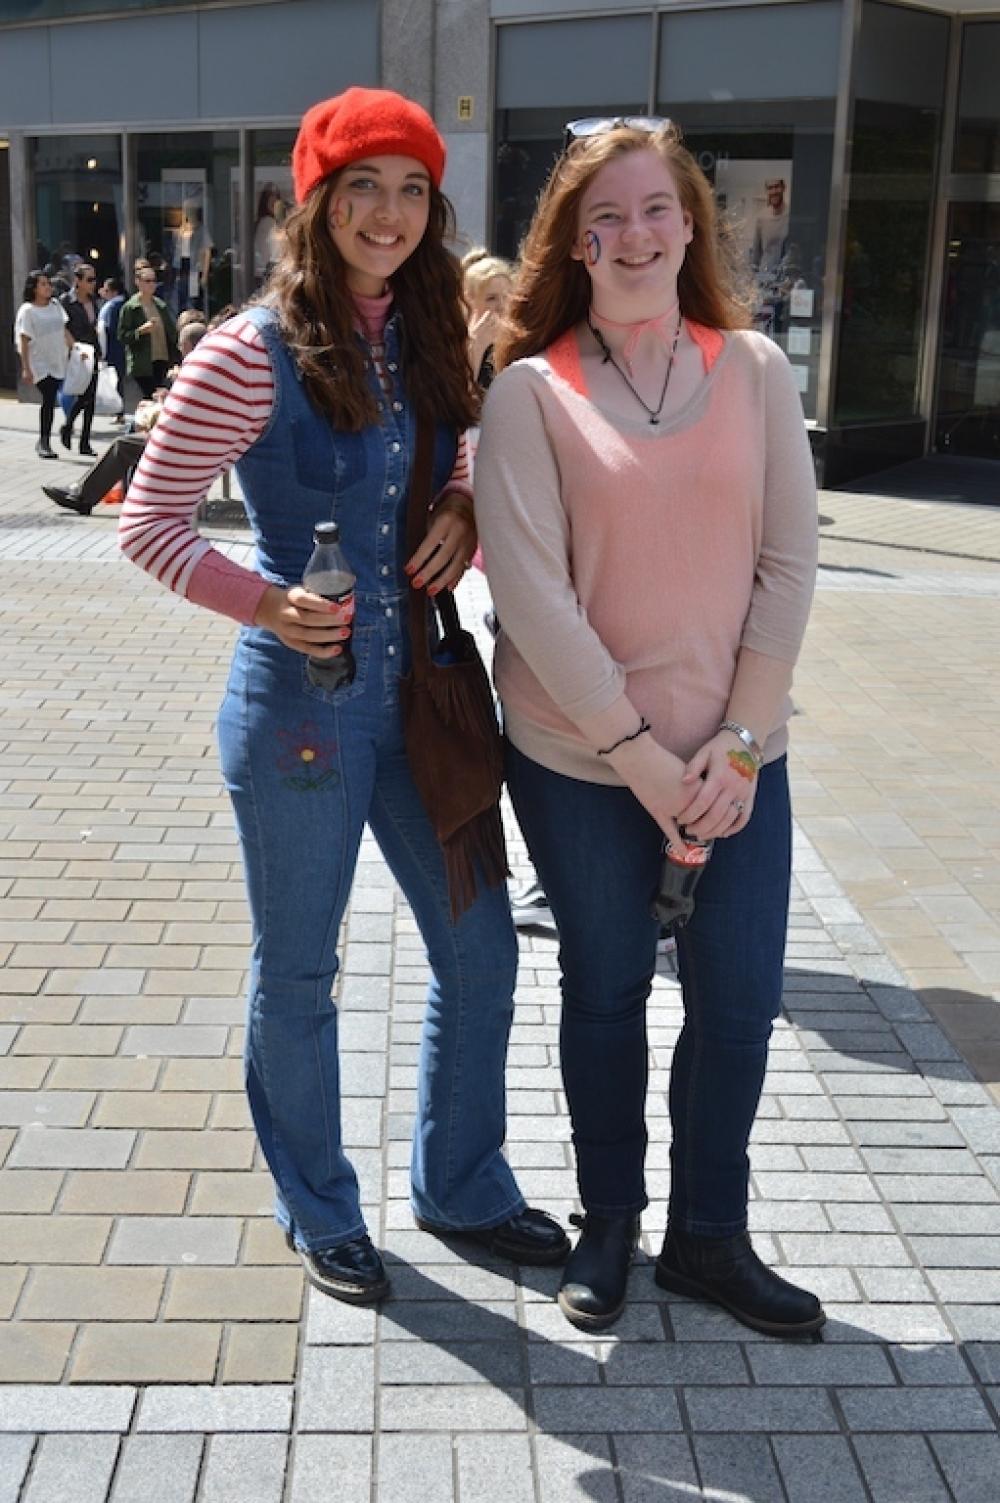 2017 08 14 Leeds Street Style Dsc 0568